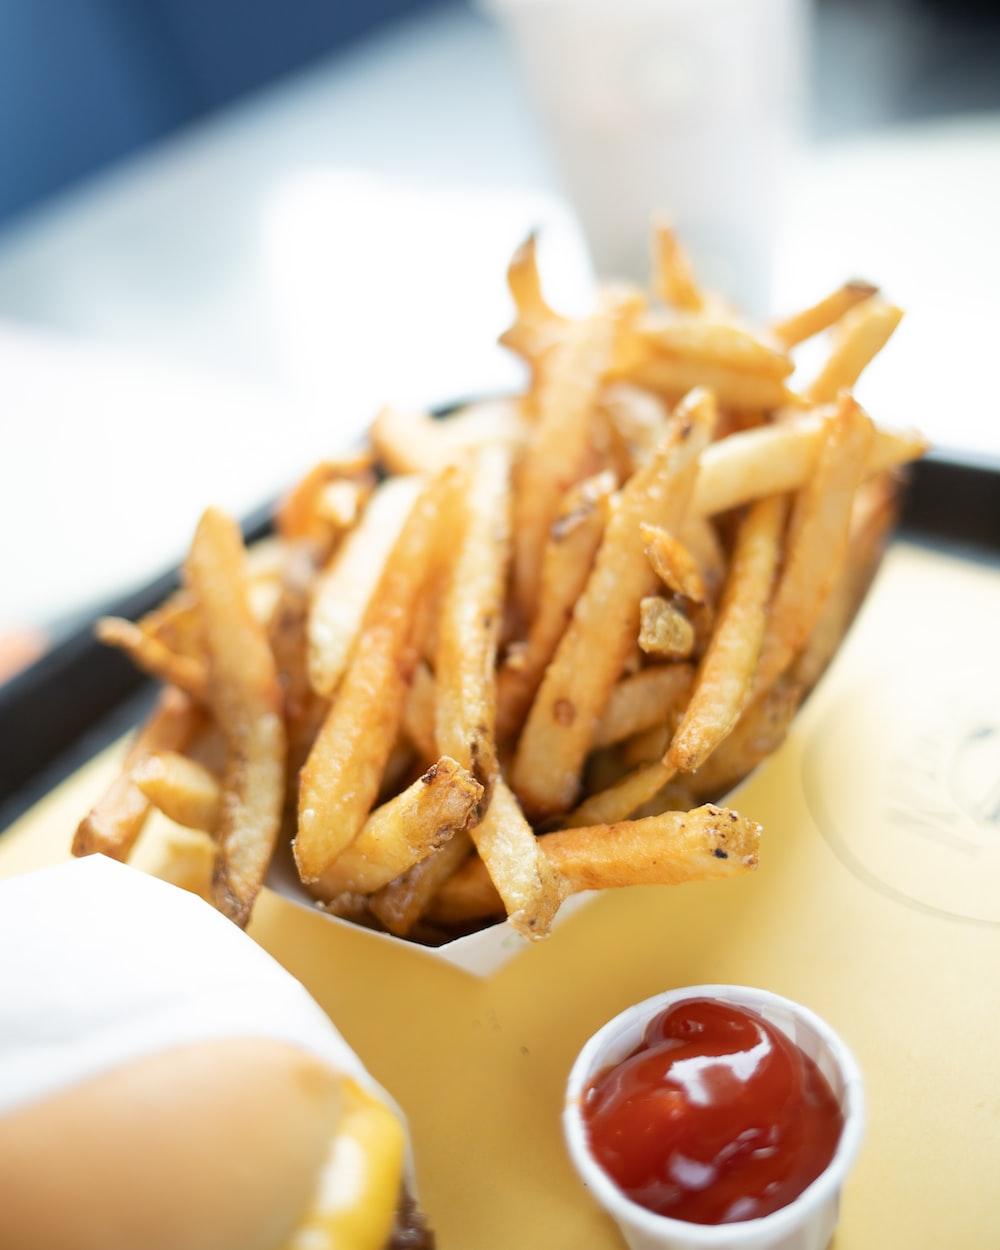 potato fries with tomato sauce dip